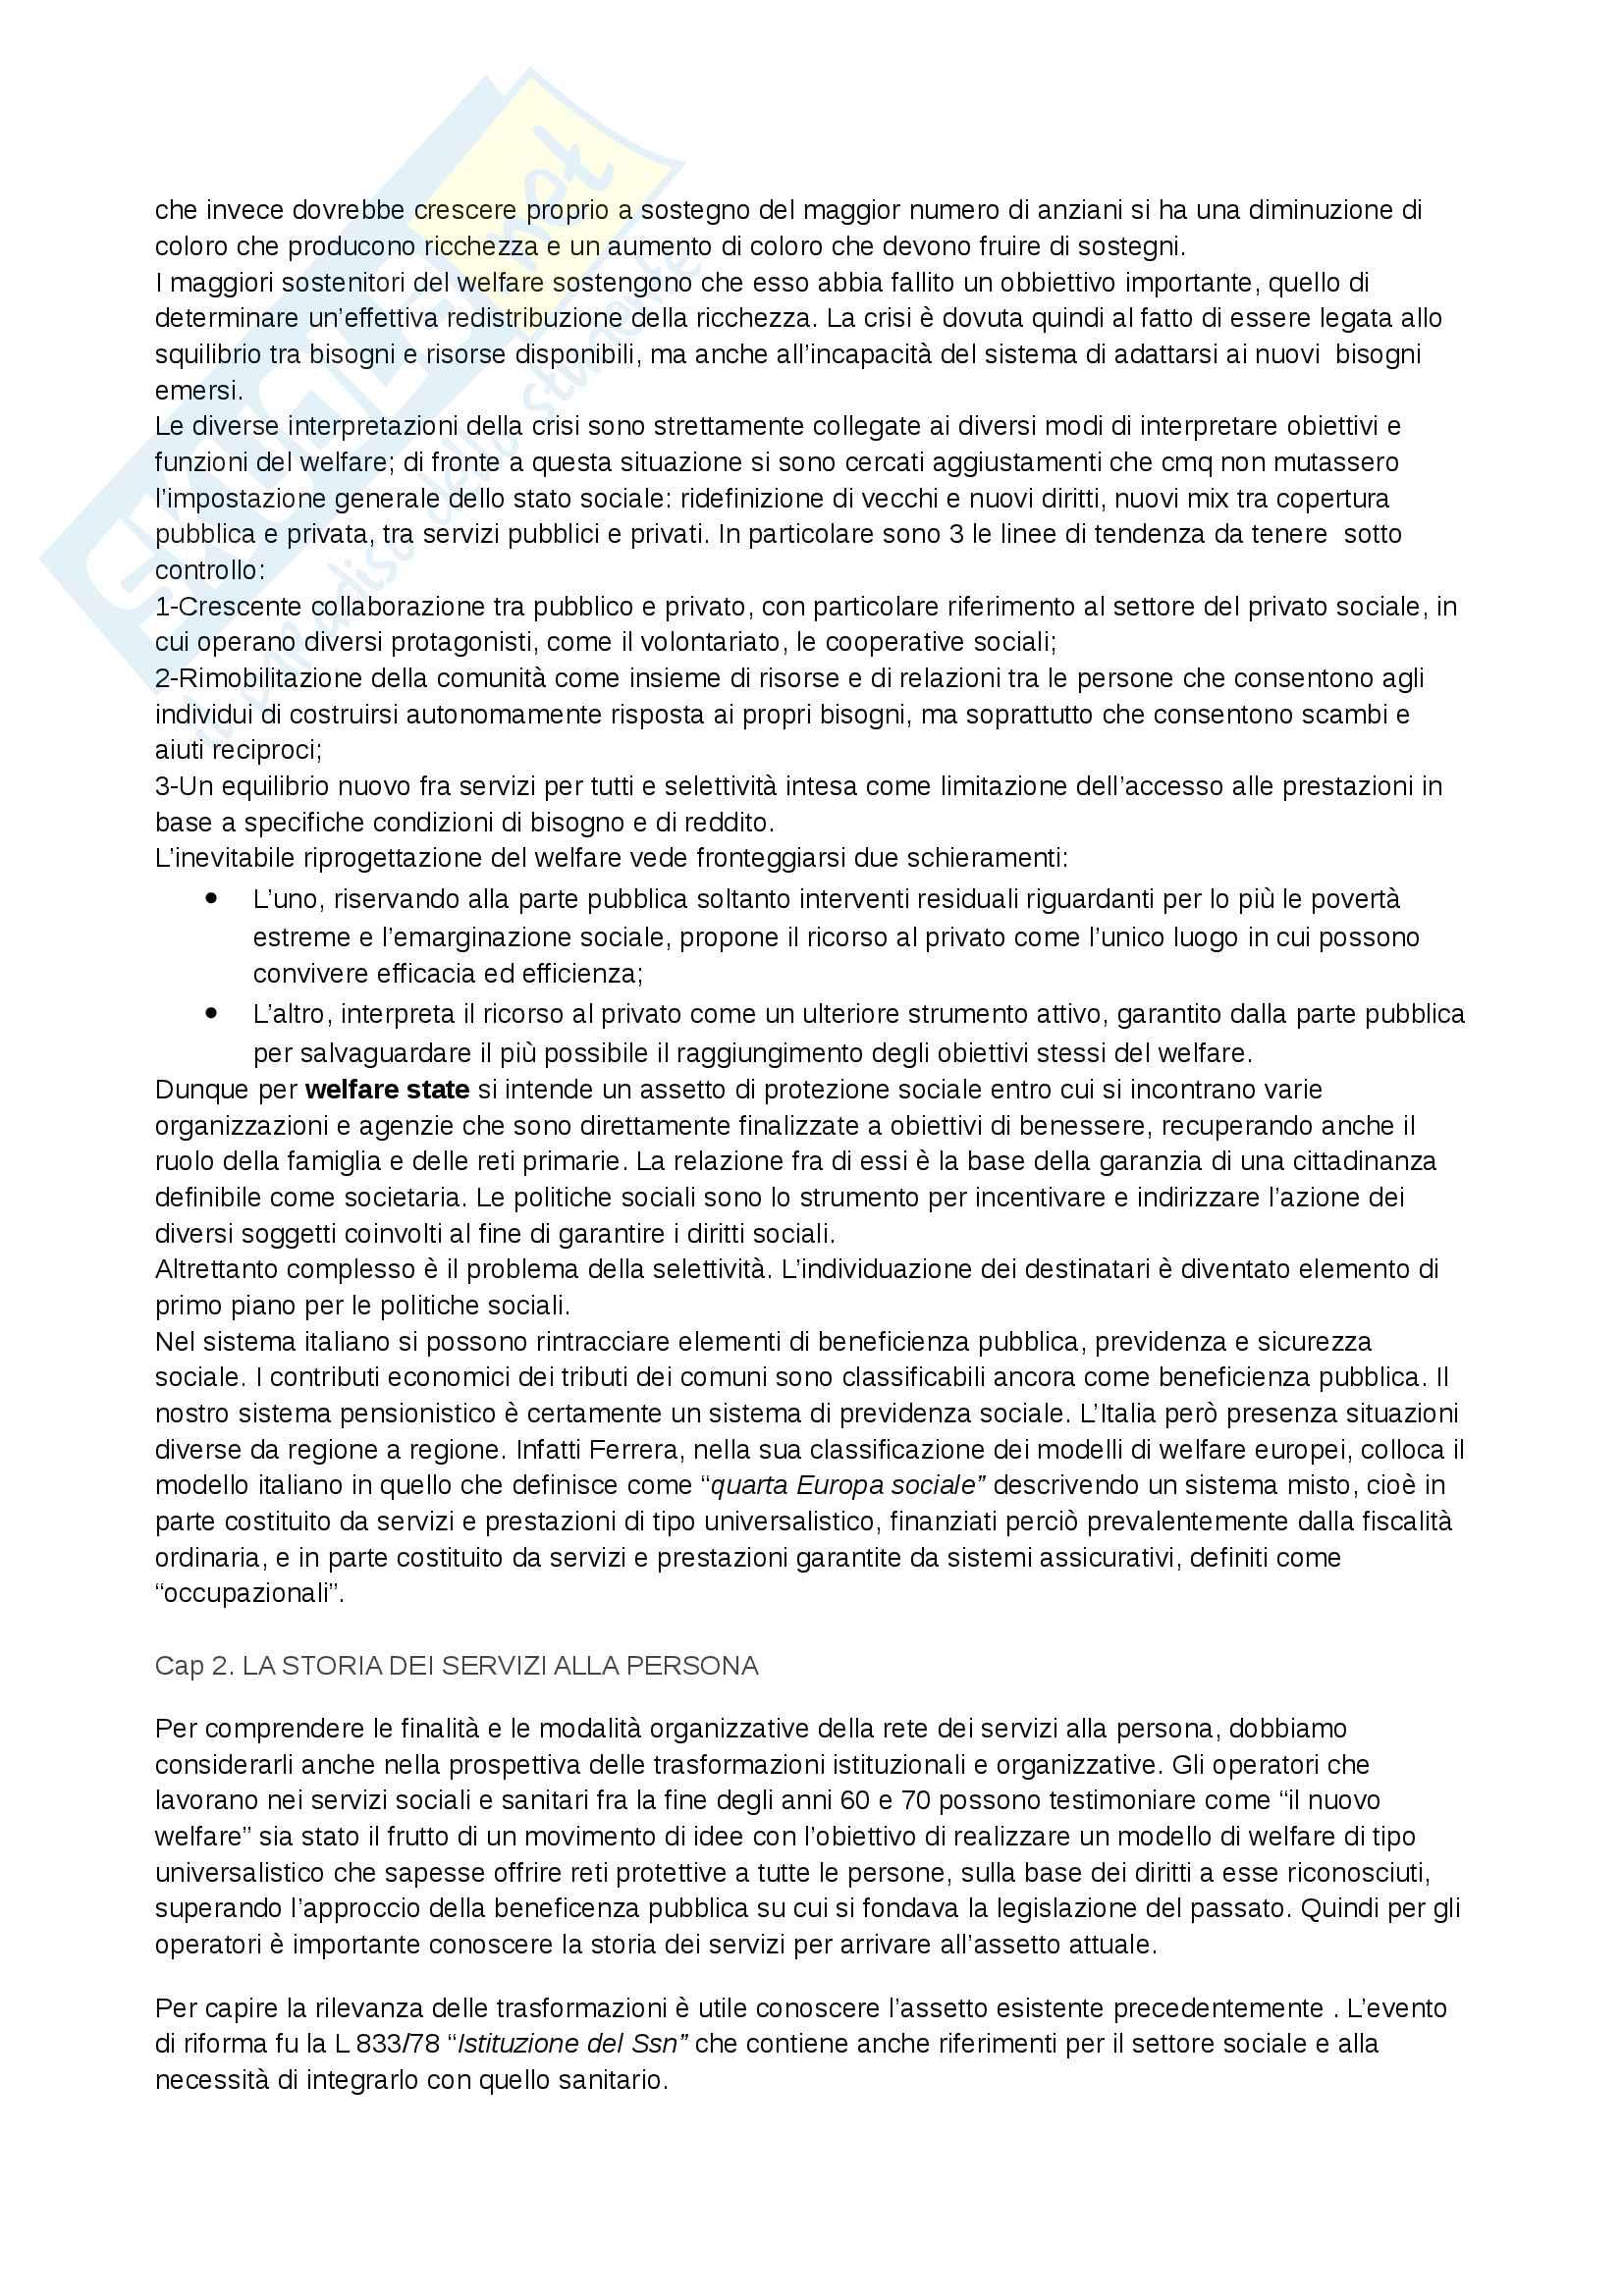 Riassunto esame Politiche sociali, libro consigliato La rete dei servizi alla persona, Carocci editore Pag. 2